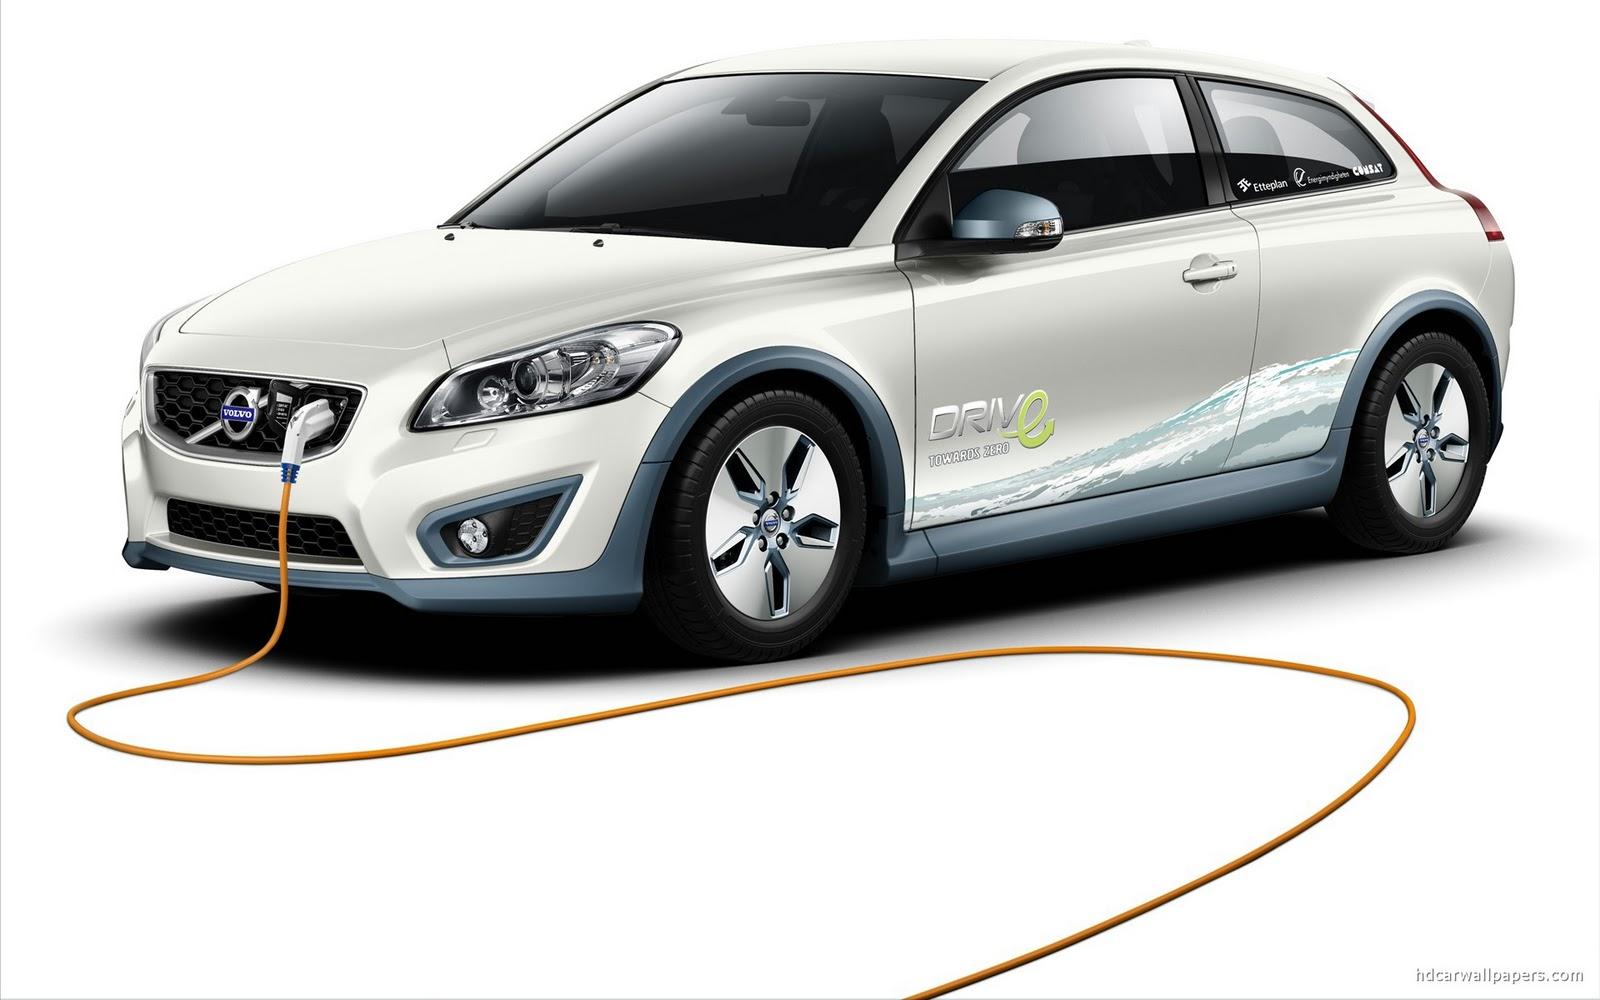 http://4.bp.blogspot.com/-pDlMN7iSzkw/TZayyhTsv_I/AAAAAAAAAik/jwDwE9359fU/s1600/electric_volvo_c30_2-wide.jpg